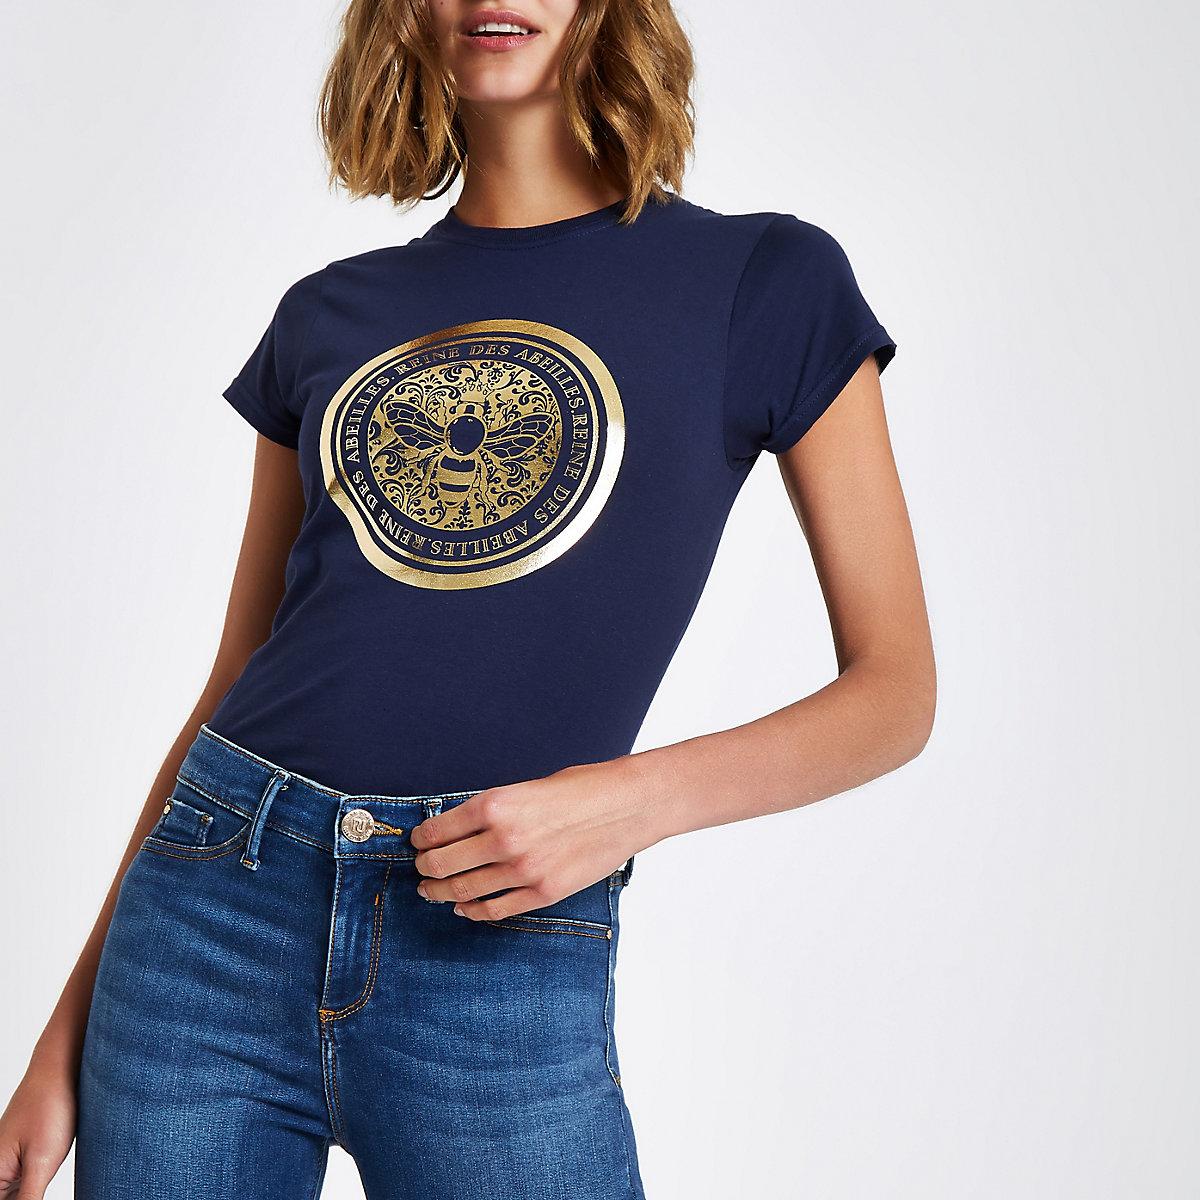 Marineblauw aansluitend T-shirt met bij-folieprint